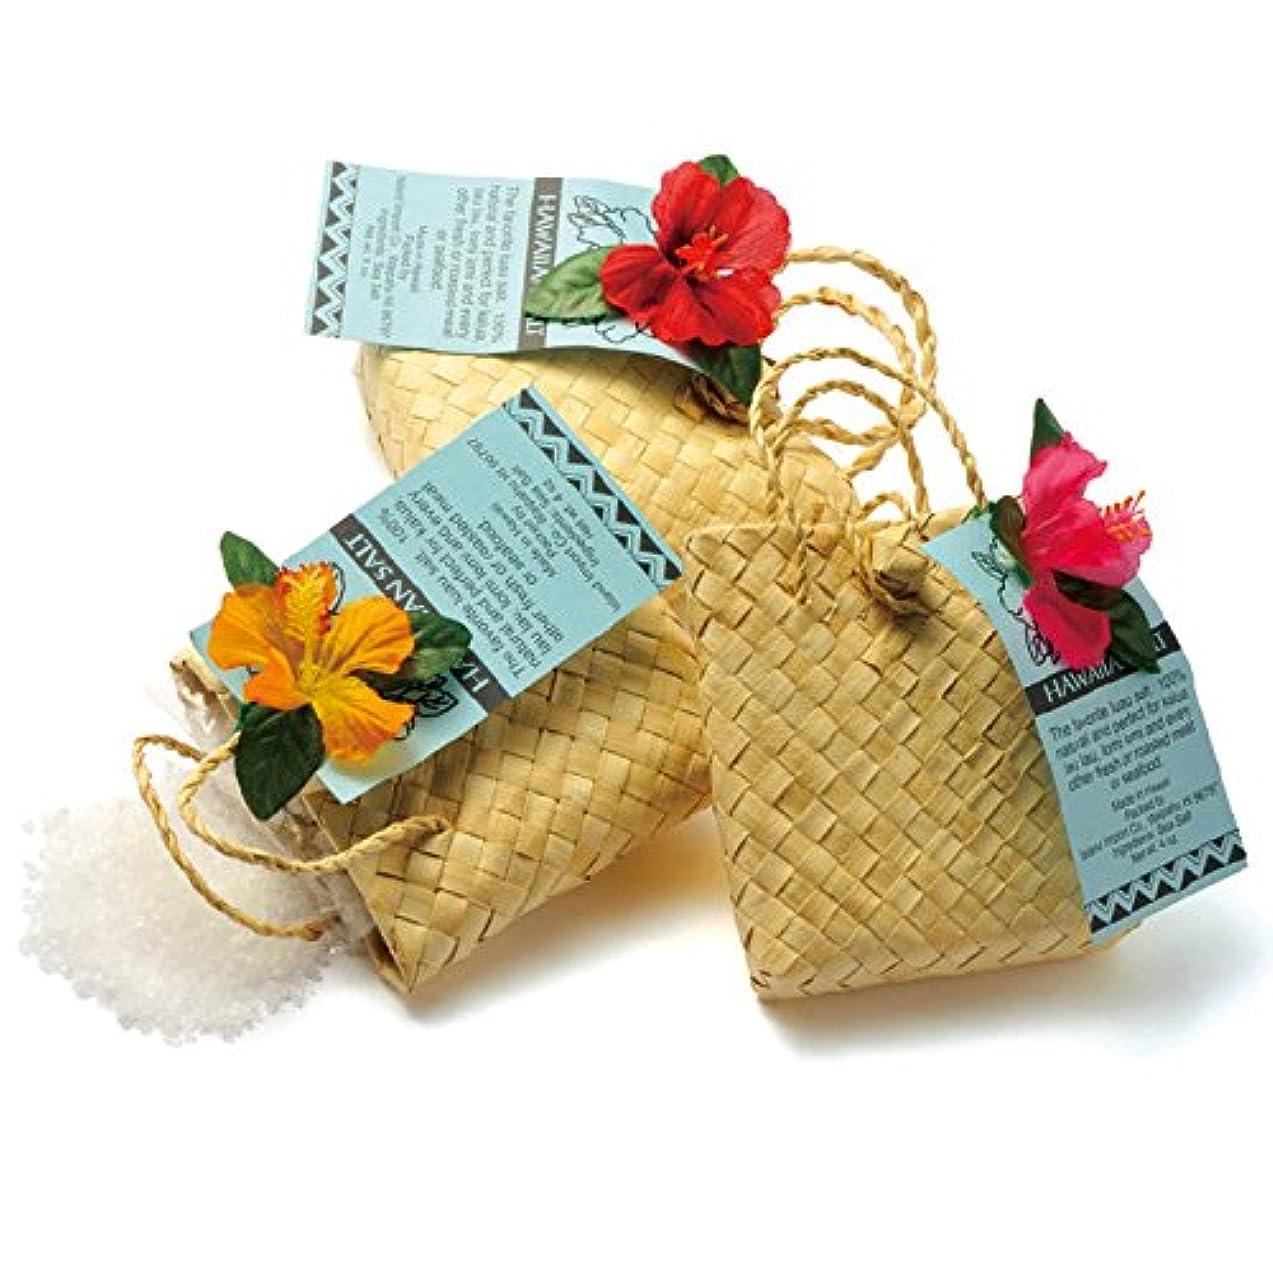 プット耐久時制ハワイ 土産 ハワイ ソルトバッグ入り 3袋セット (海外旅行 ハワイ お土産)